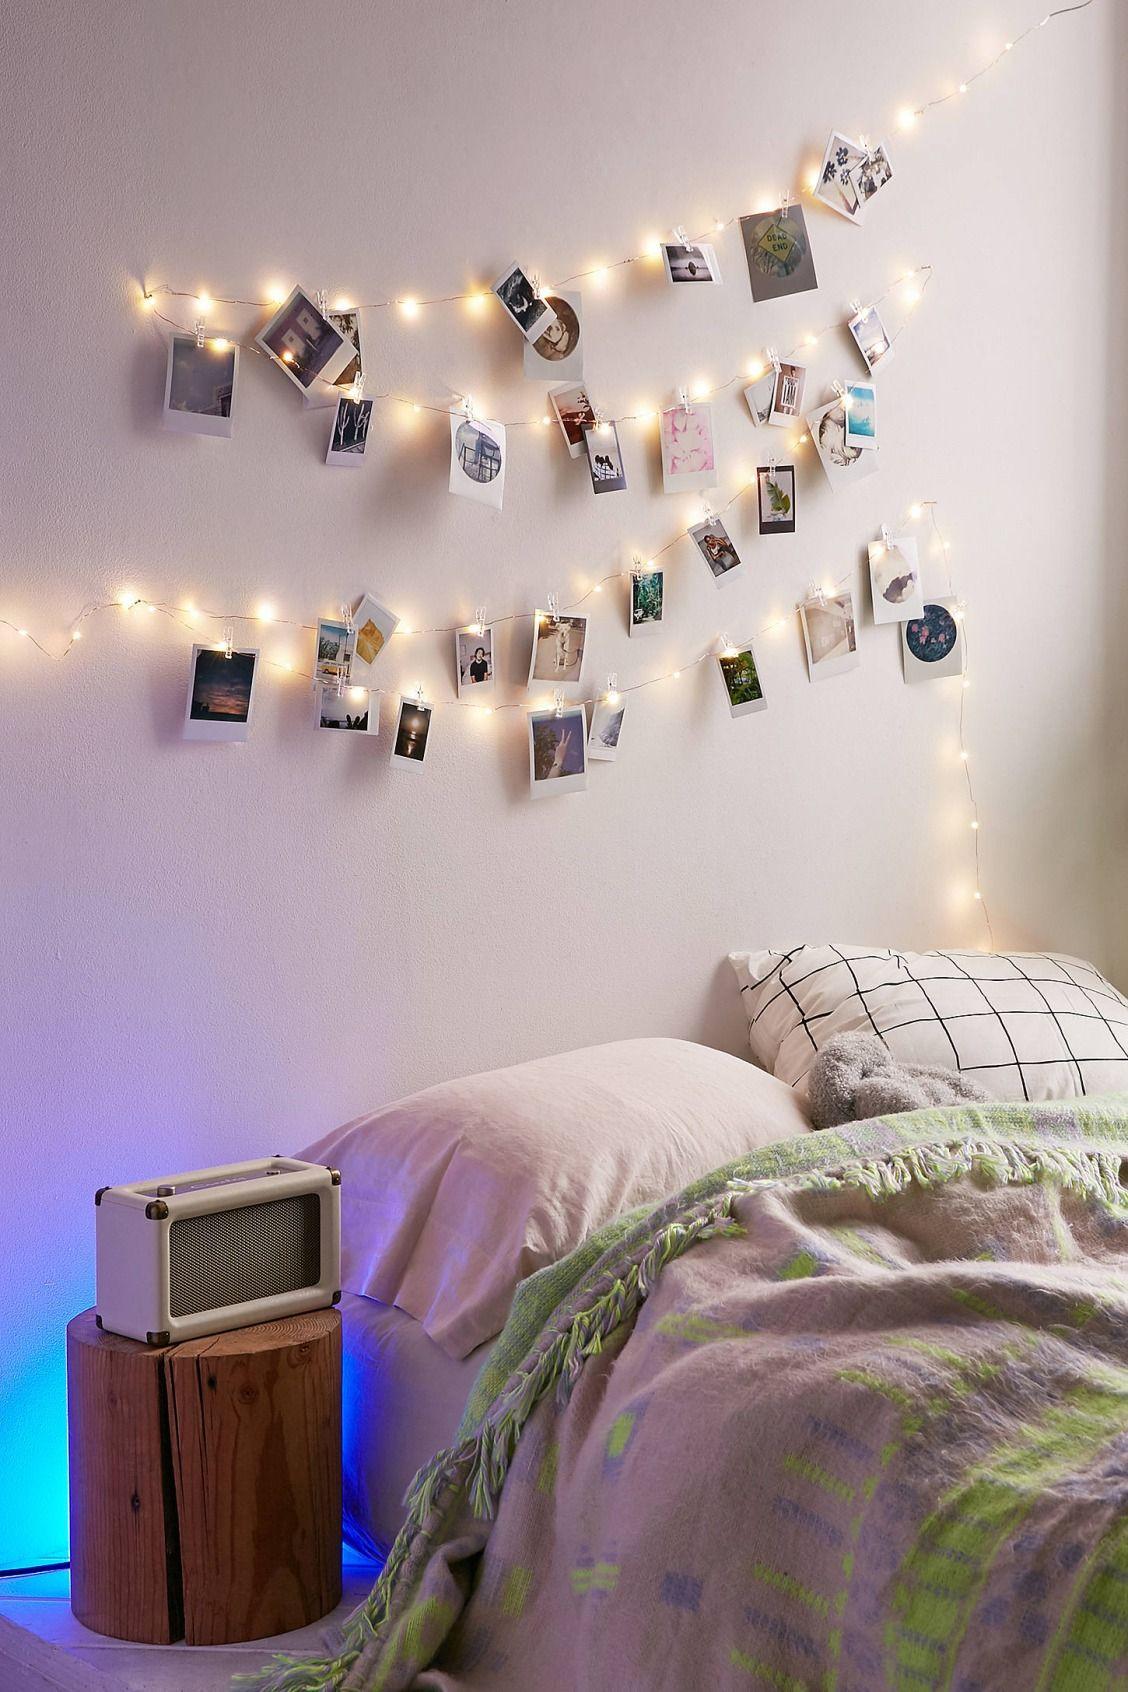 أفكار لتعليق الصور على الحائط - الحبال المعلقة